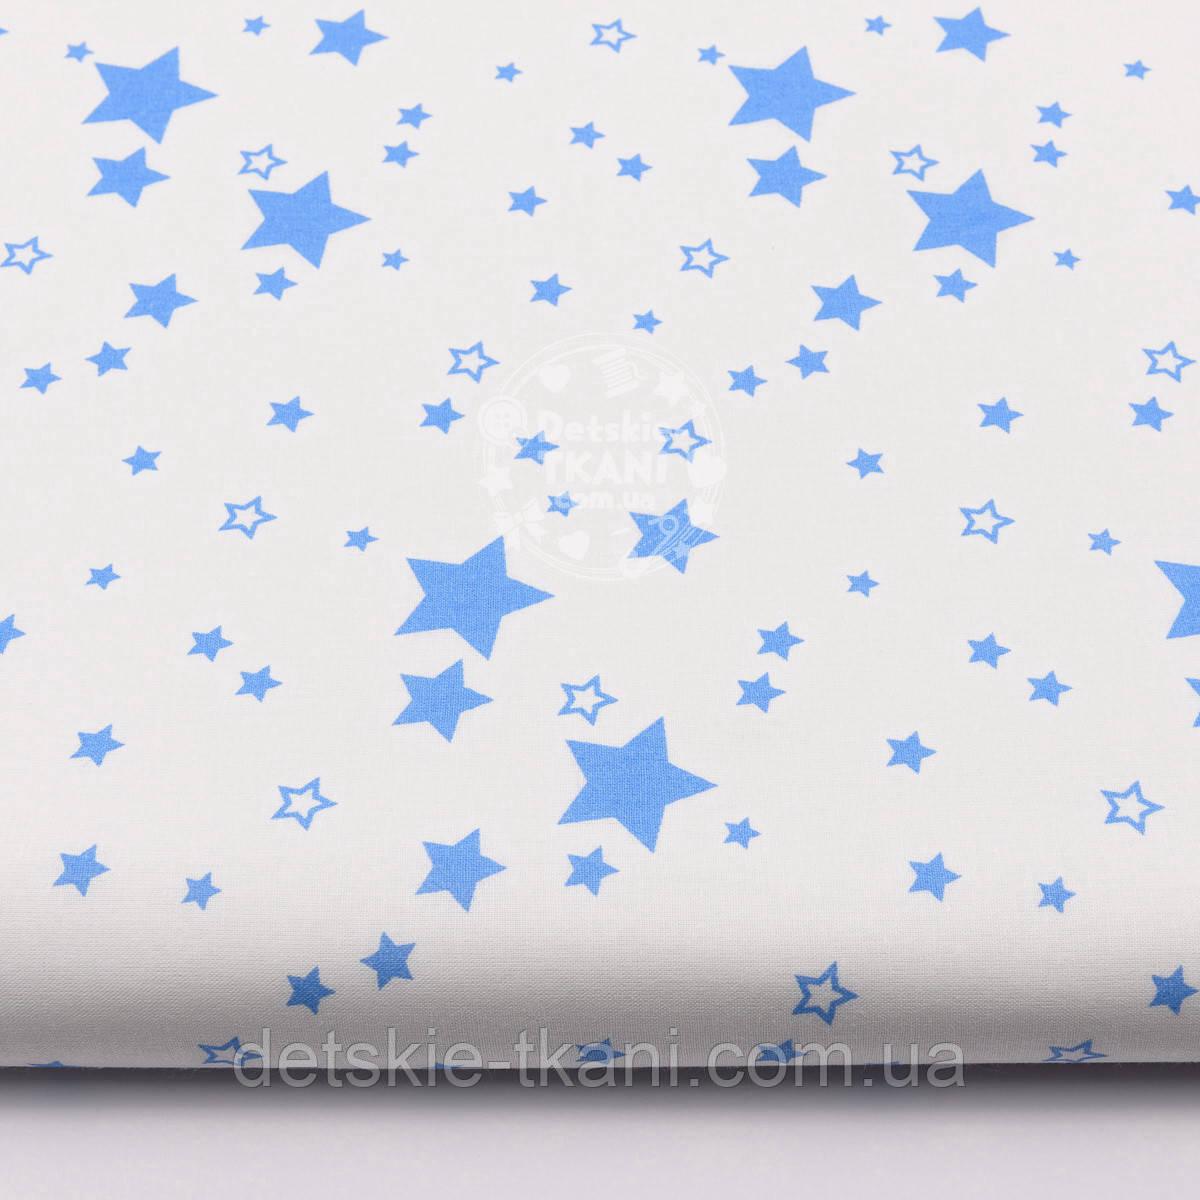 """Тканина бавовняна """"Міні галактика"""" темно-синій на білому фоні (№ 1455)"""